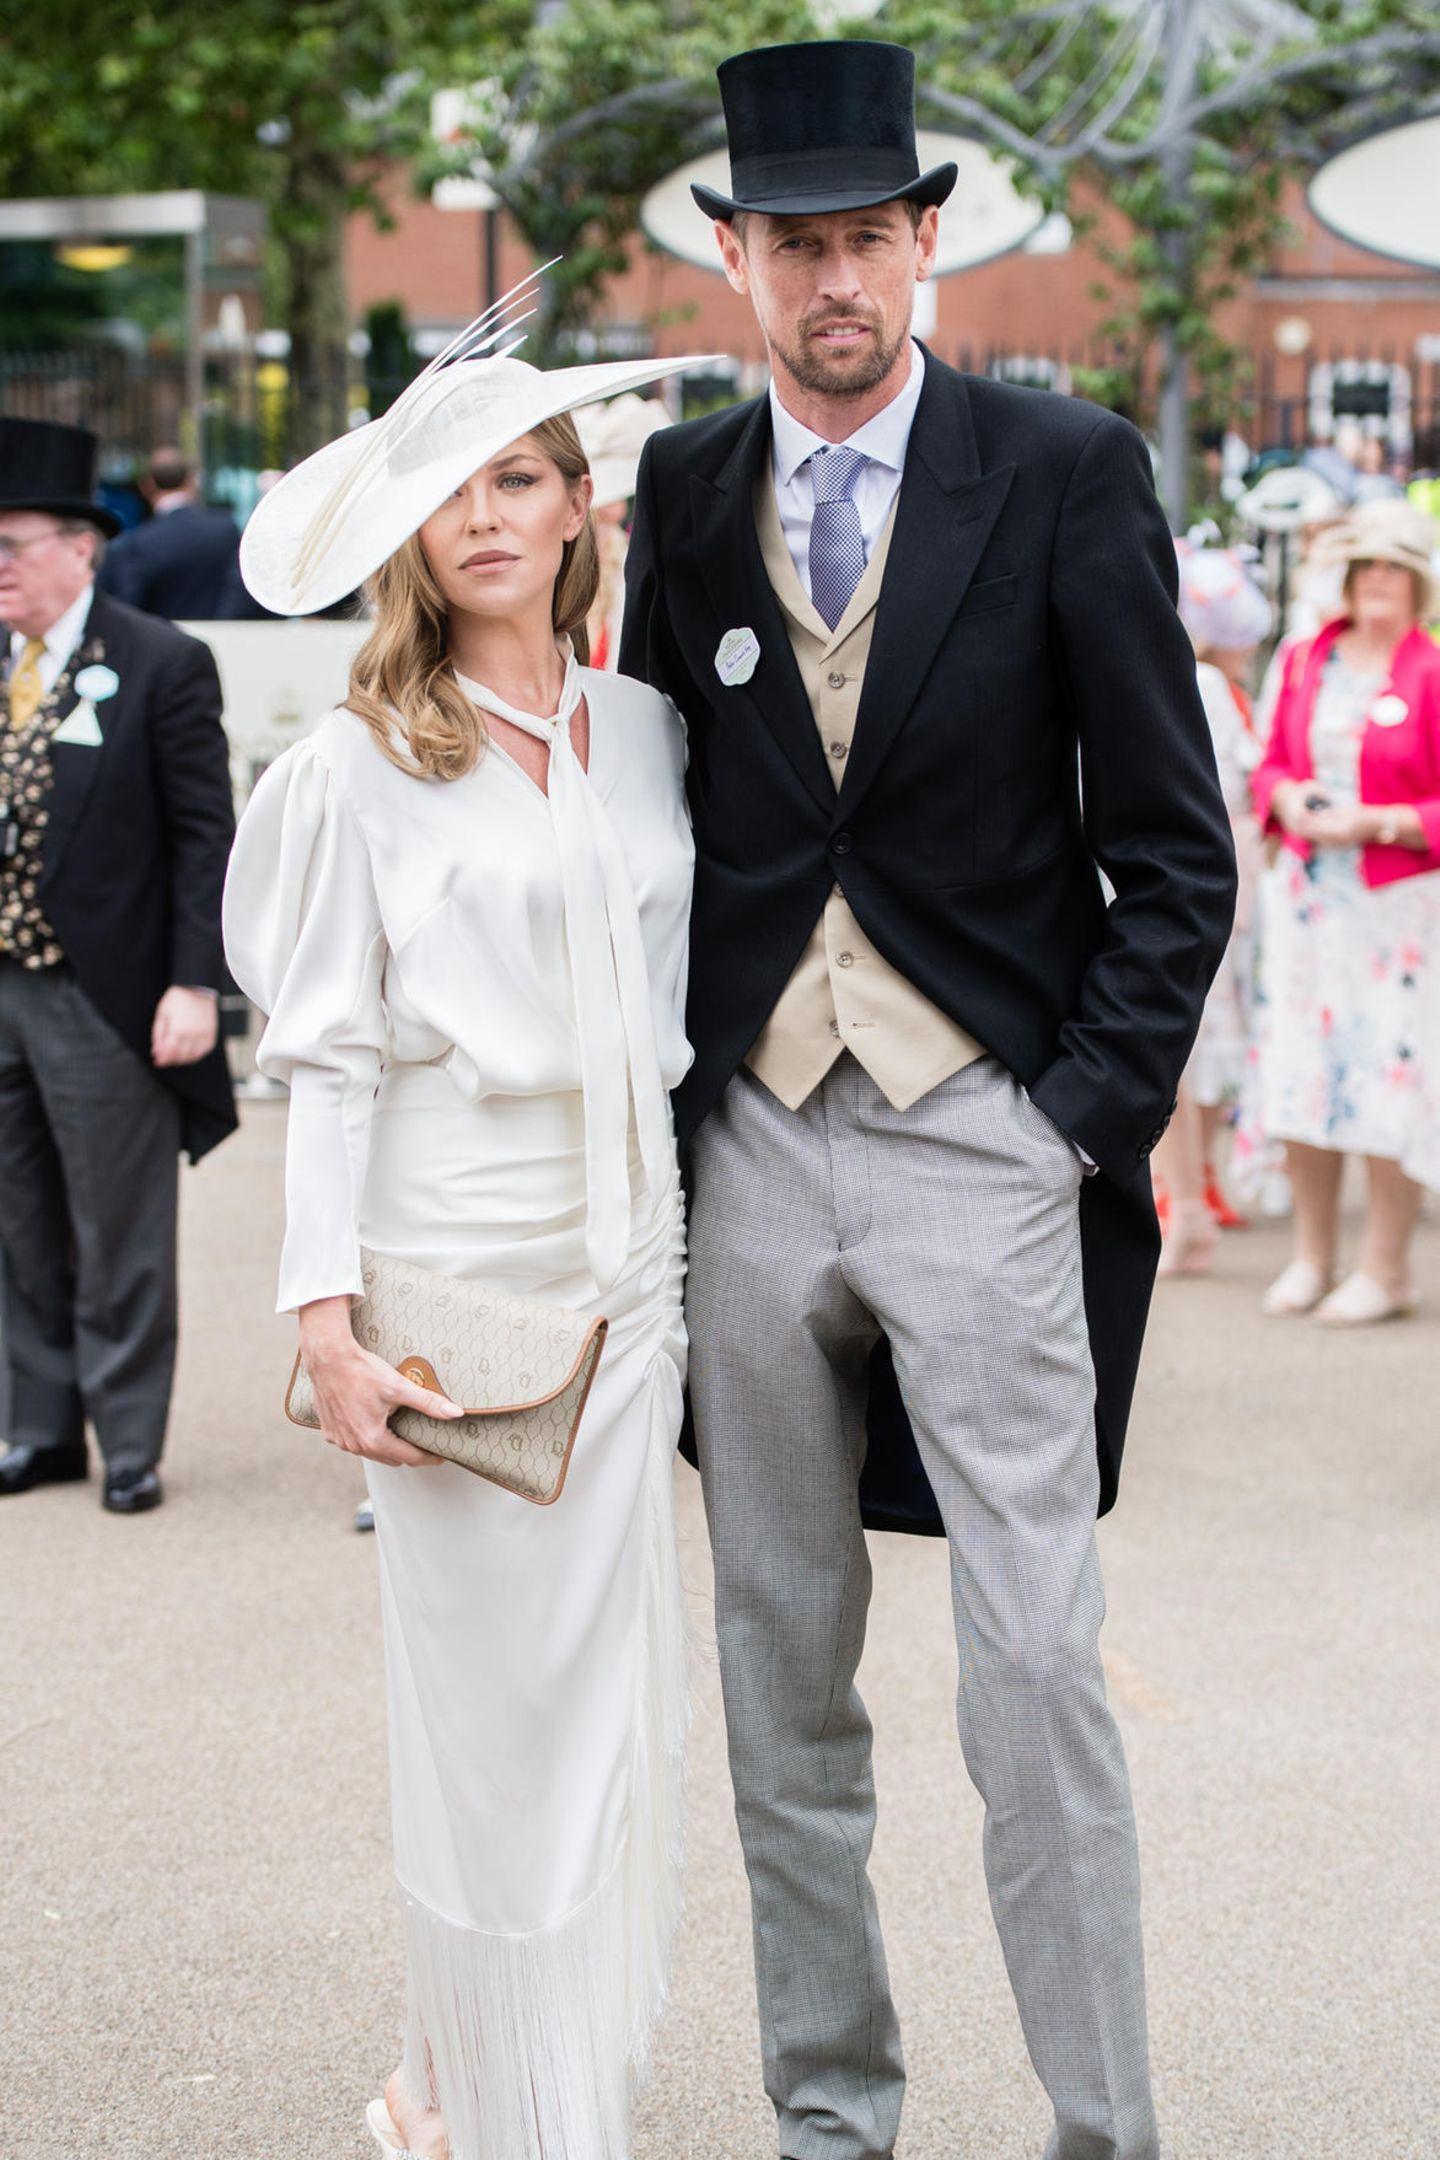 Abbey Clancy und Peter Crouch geben ein tolles Bild ab. Der Fußballer und seine Frau posieren Arm in Arm für die Fotografen. Sie trägt ein weißes bodenlanges Kleid mit passender Kopfbedeckung, er setzt auf einen klassischen Frack.